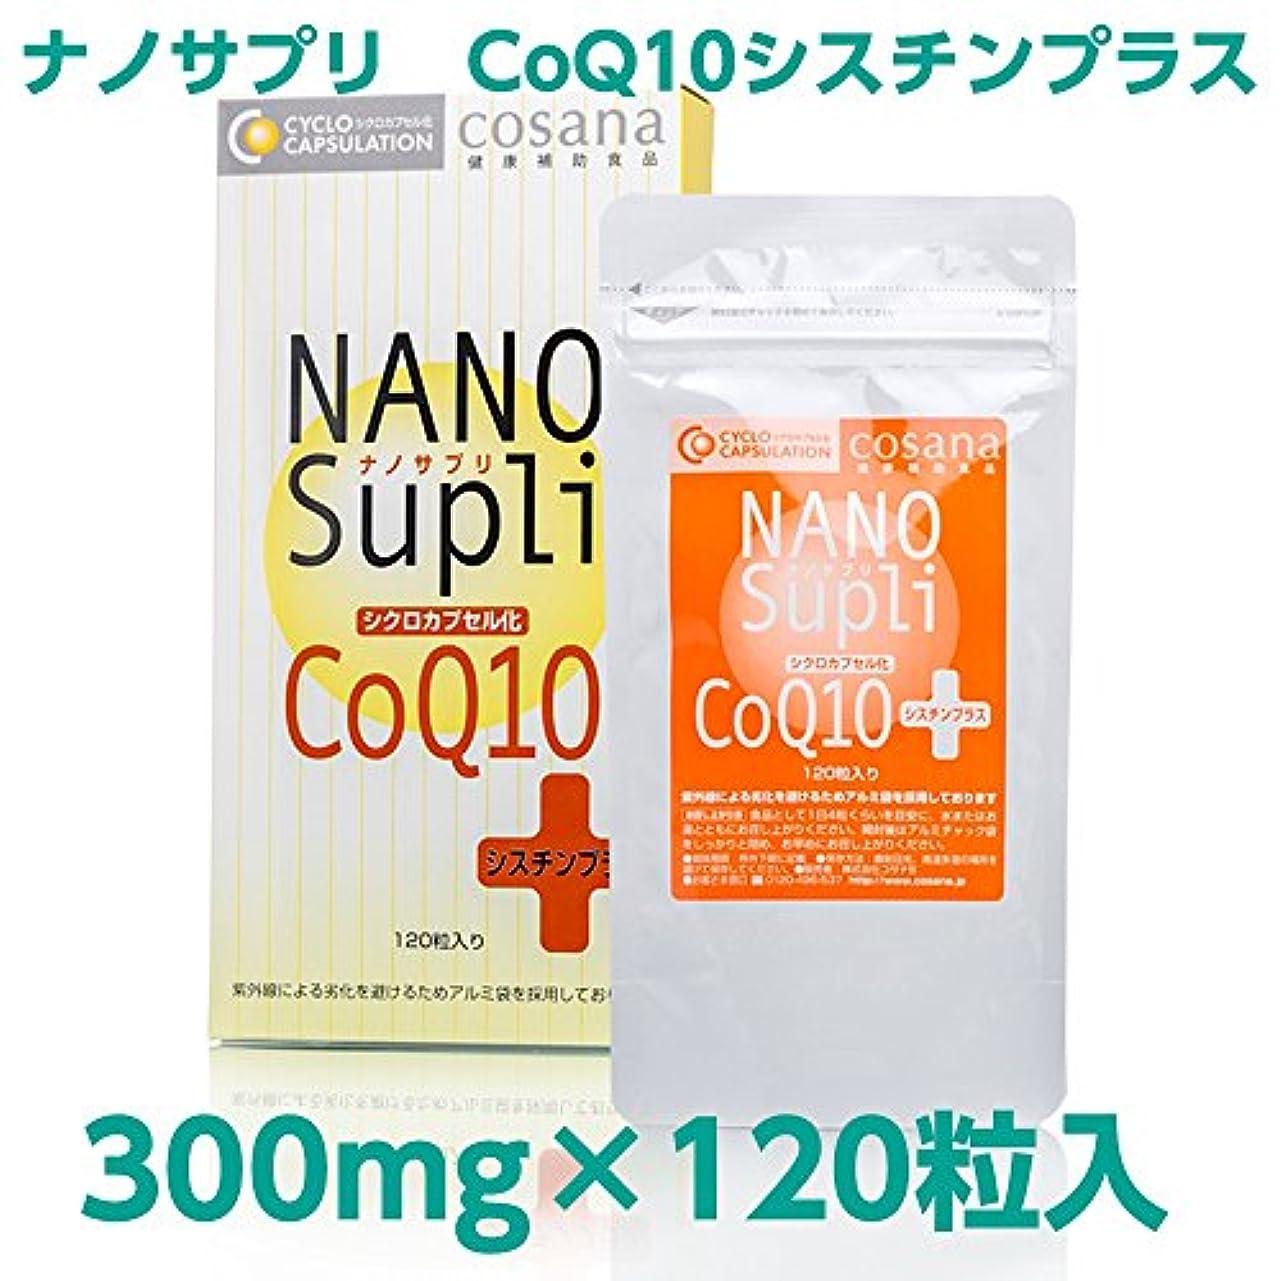 コートドナー砂漠ナノサプリシクロカプセル化CoQ10 シスチンプラス